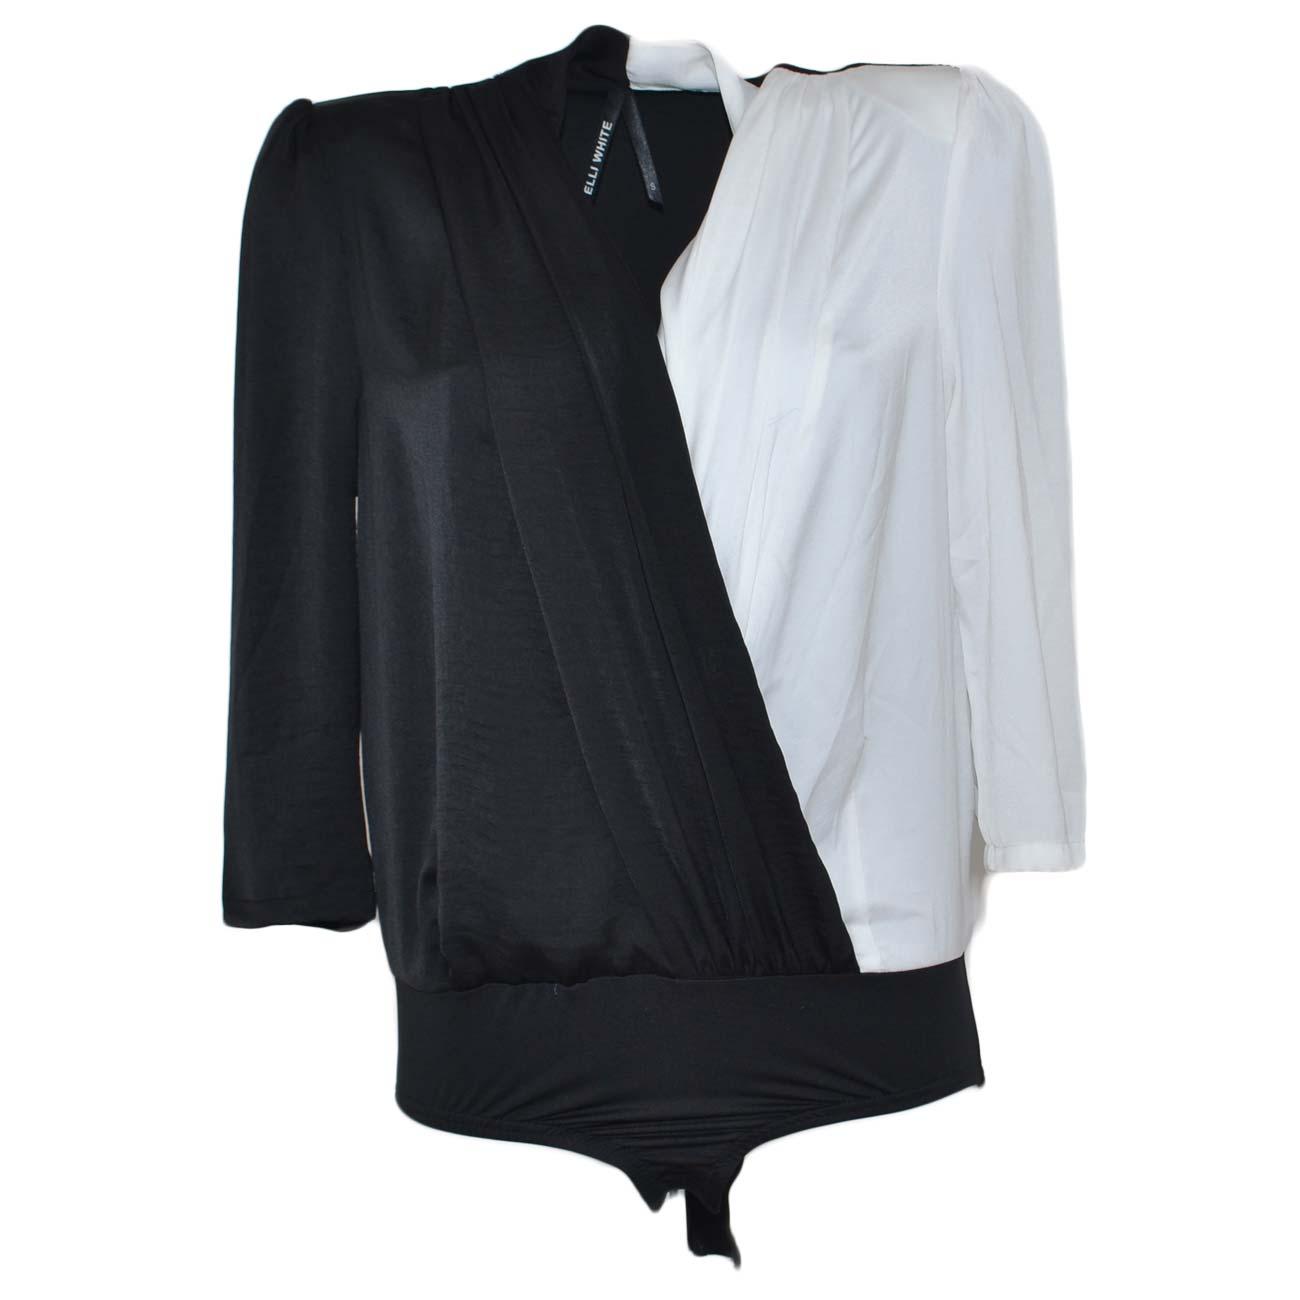 finest selection fc112 539f4 Camicia body donna blusa bicolore bianca e nera manica ampia a 3/4 scollo  incrociato a V moda glamour donna body Malu Shoes | MaluShoes